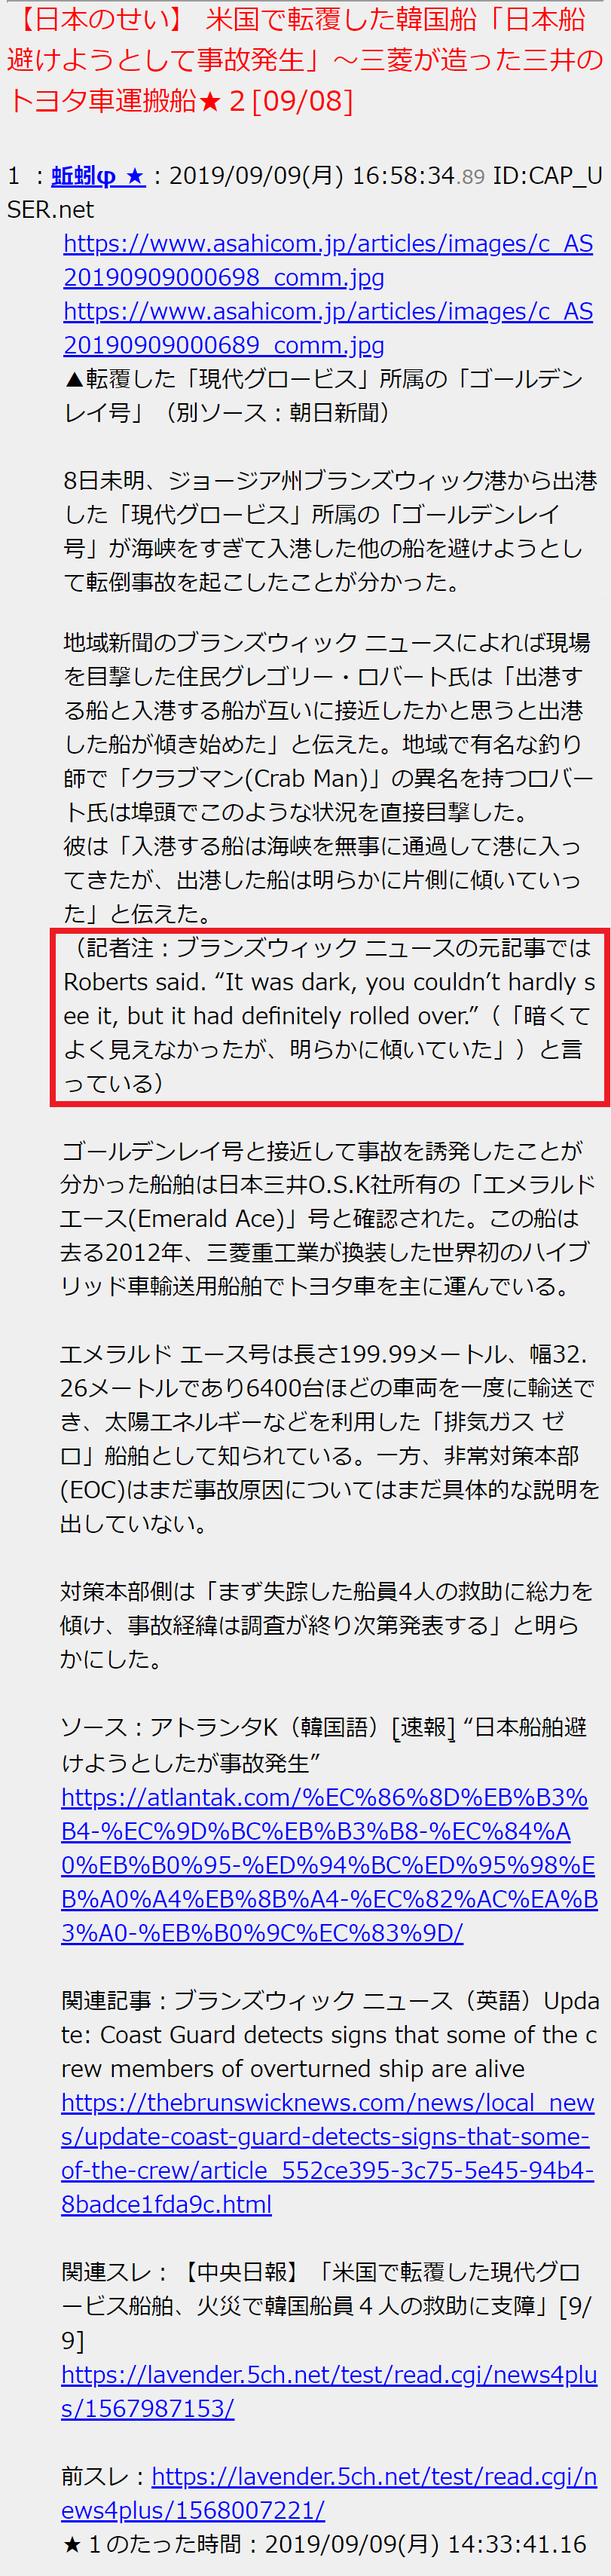 下朝鮮「船が転覆したの日本のせい」5